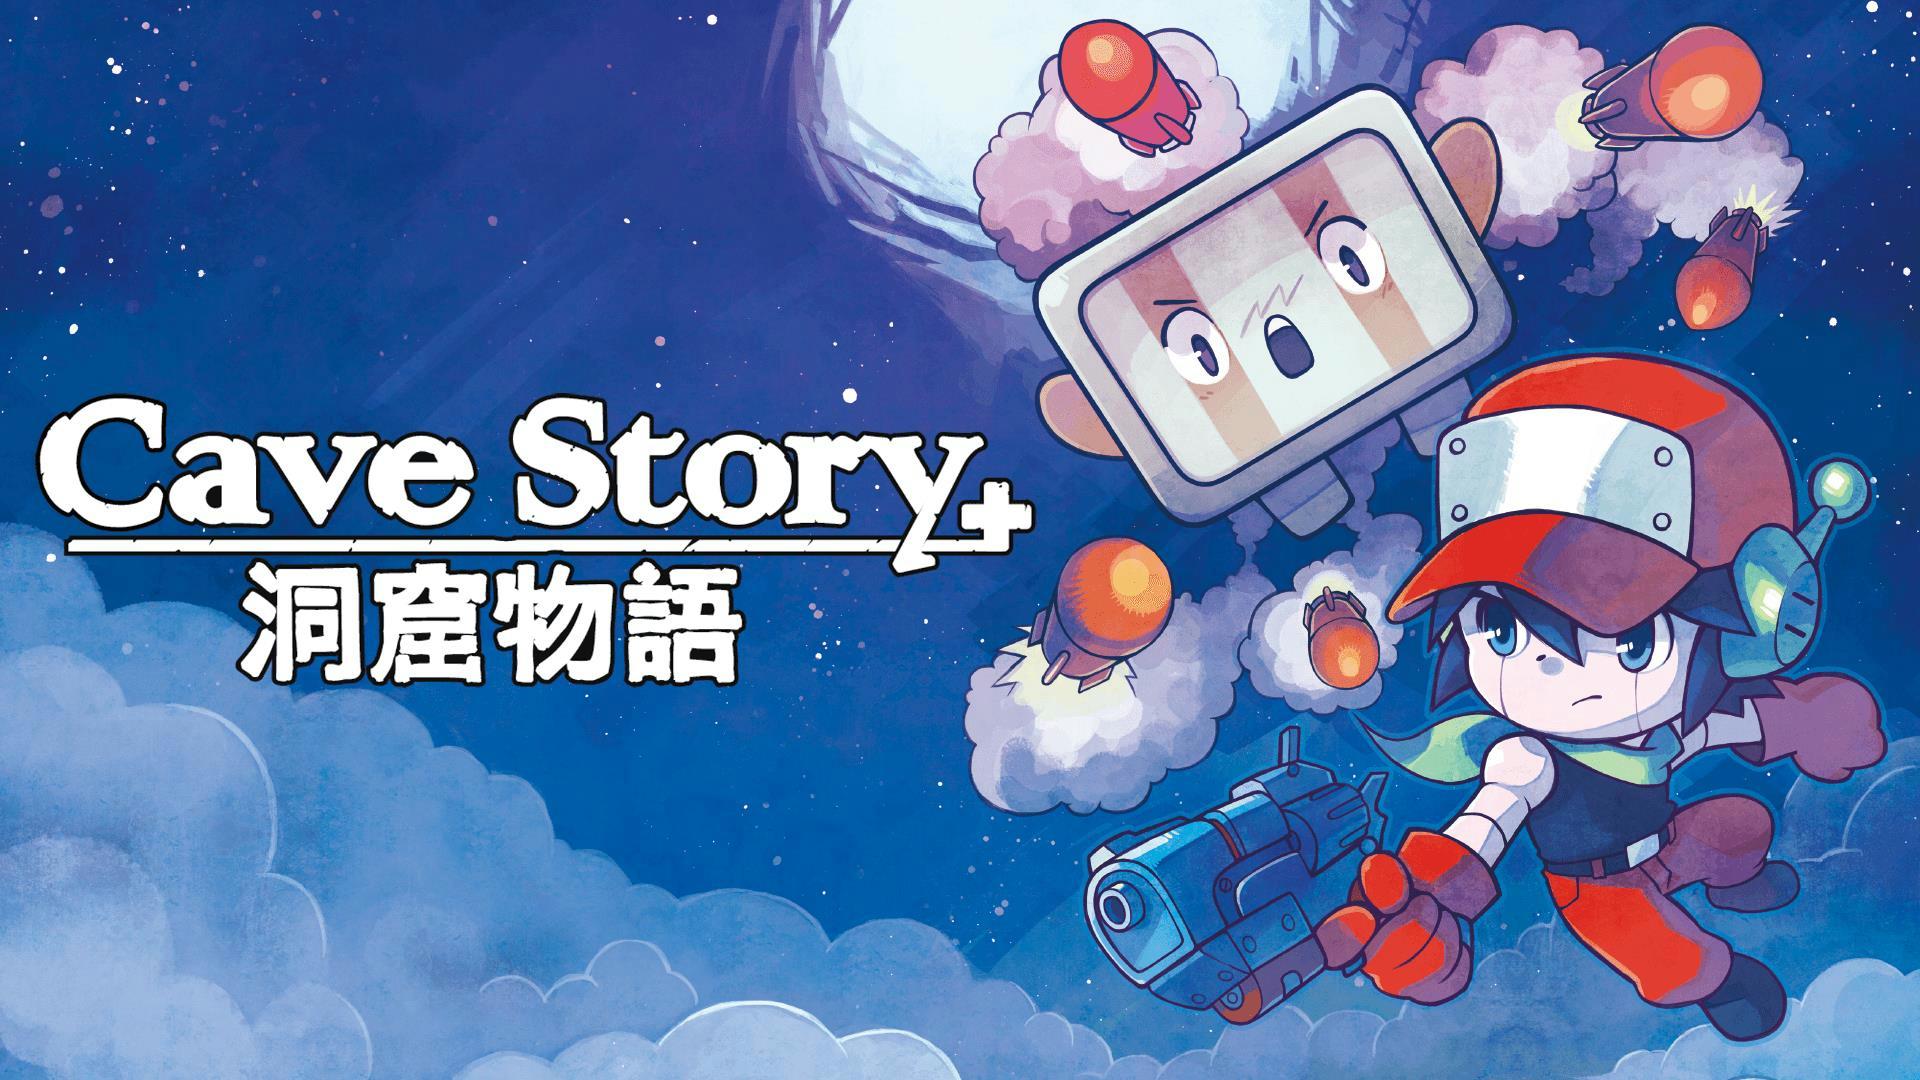 Nintendo Switch版『Cave Story+ (洞窟物語+)』の予約が開始!